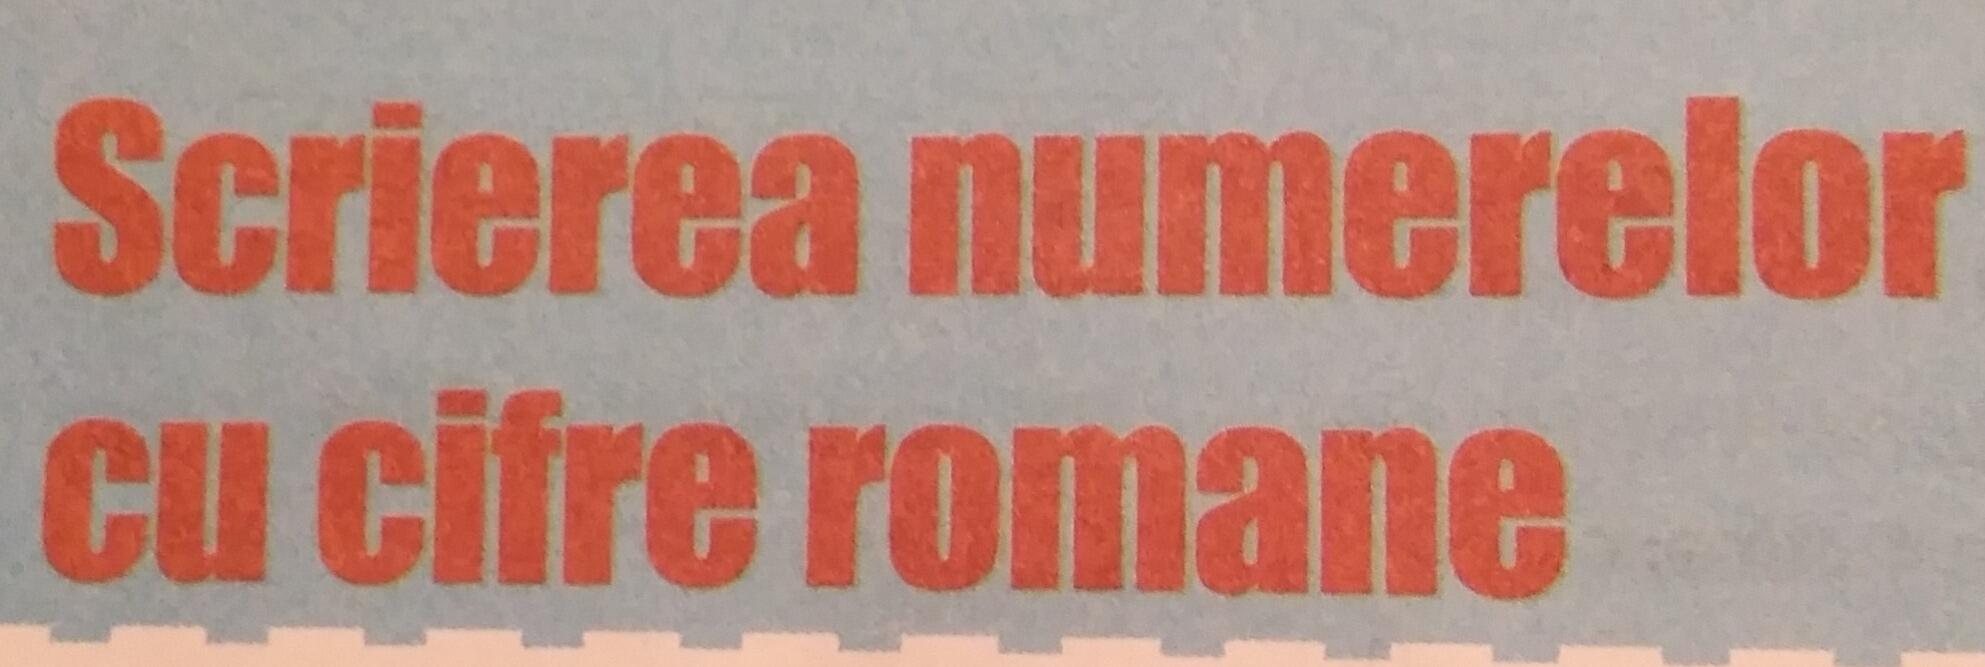 Cifre romane până la 39